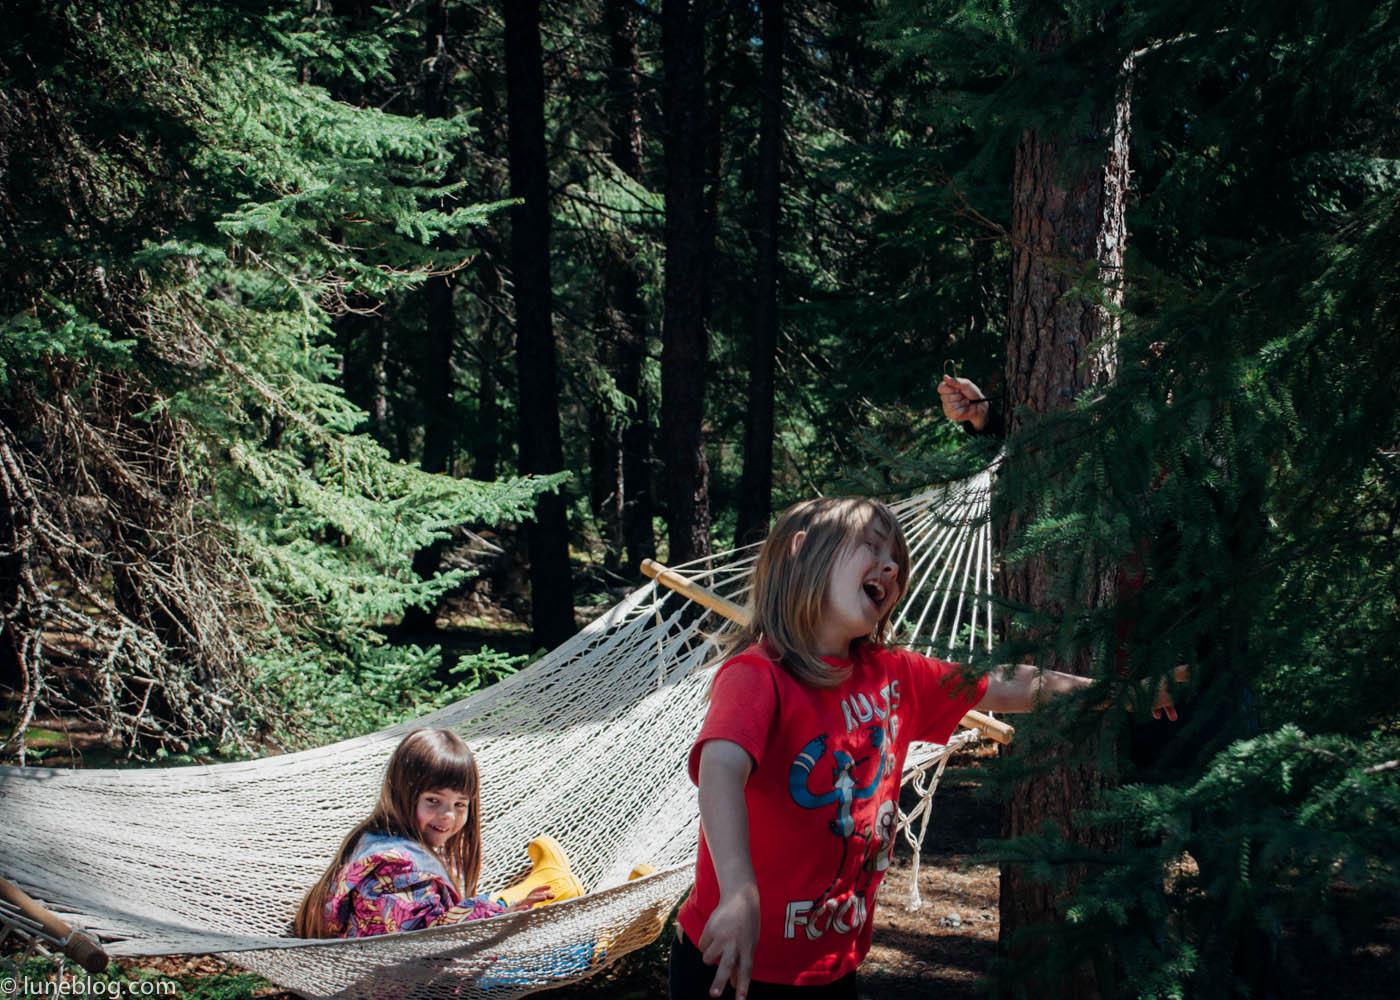 blue lake ontario camping lune travel blog (5 of 74).jpg